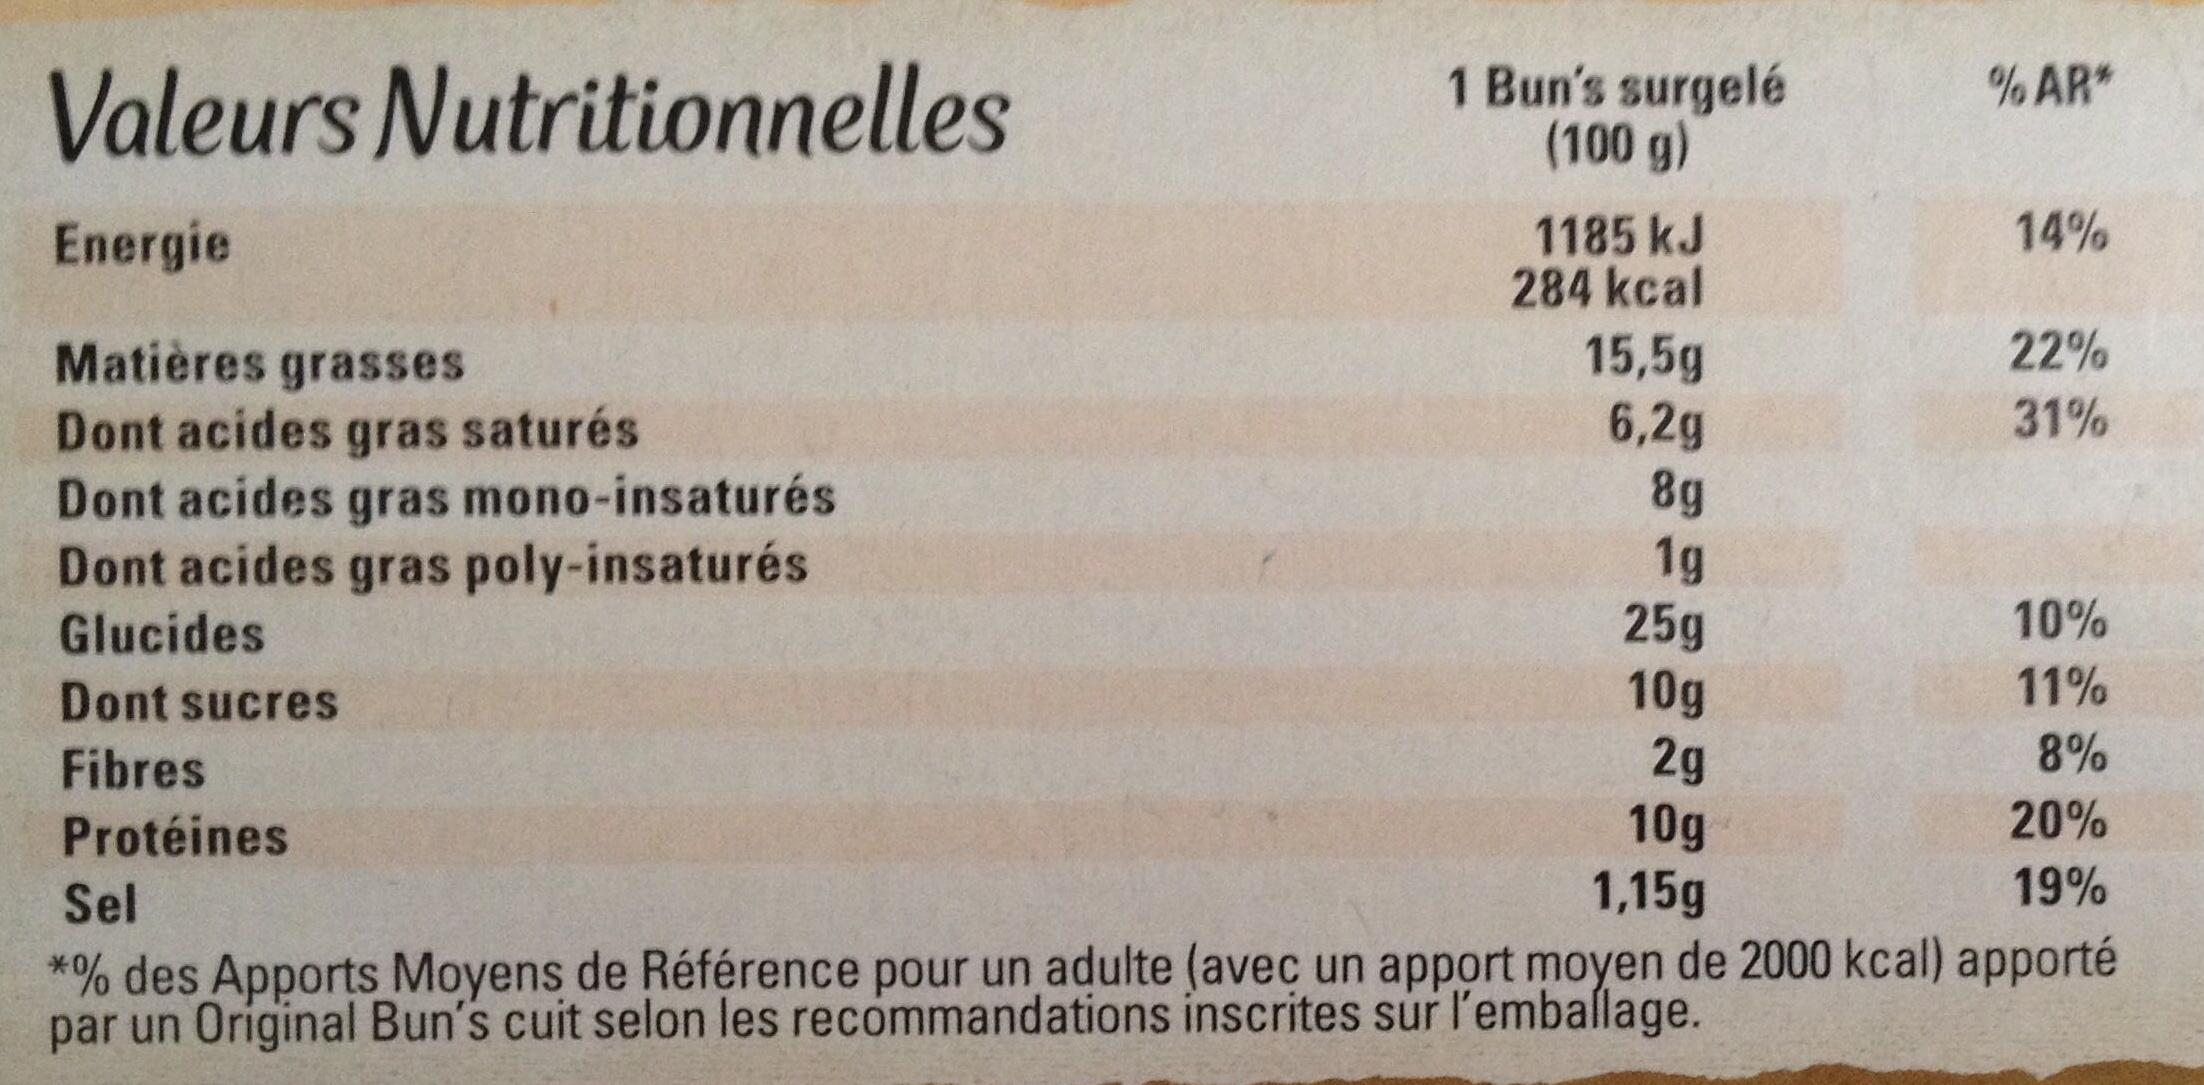 Original Bun's Recette Italia - Informations nutritionnelles - fr